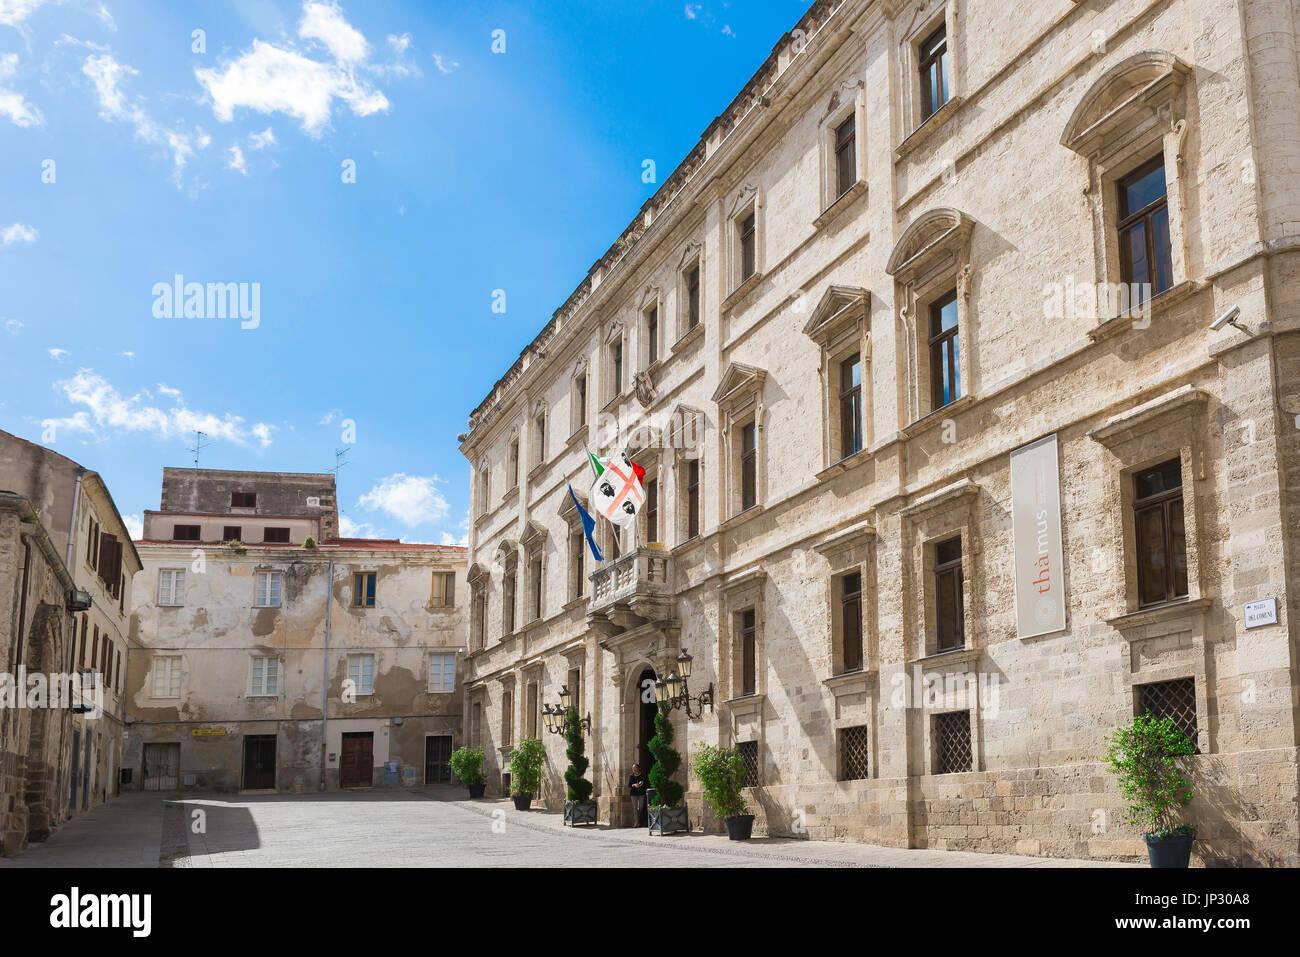 Sassari Sardinia, facade of the Palazzo Ducale in the Piazza del Comune in Sassari, northern Sardinia. - Stock Image